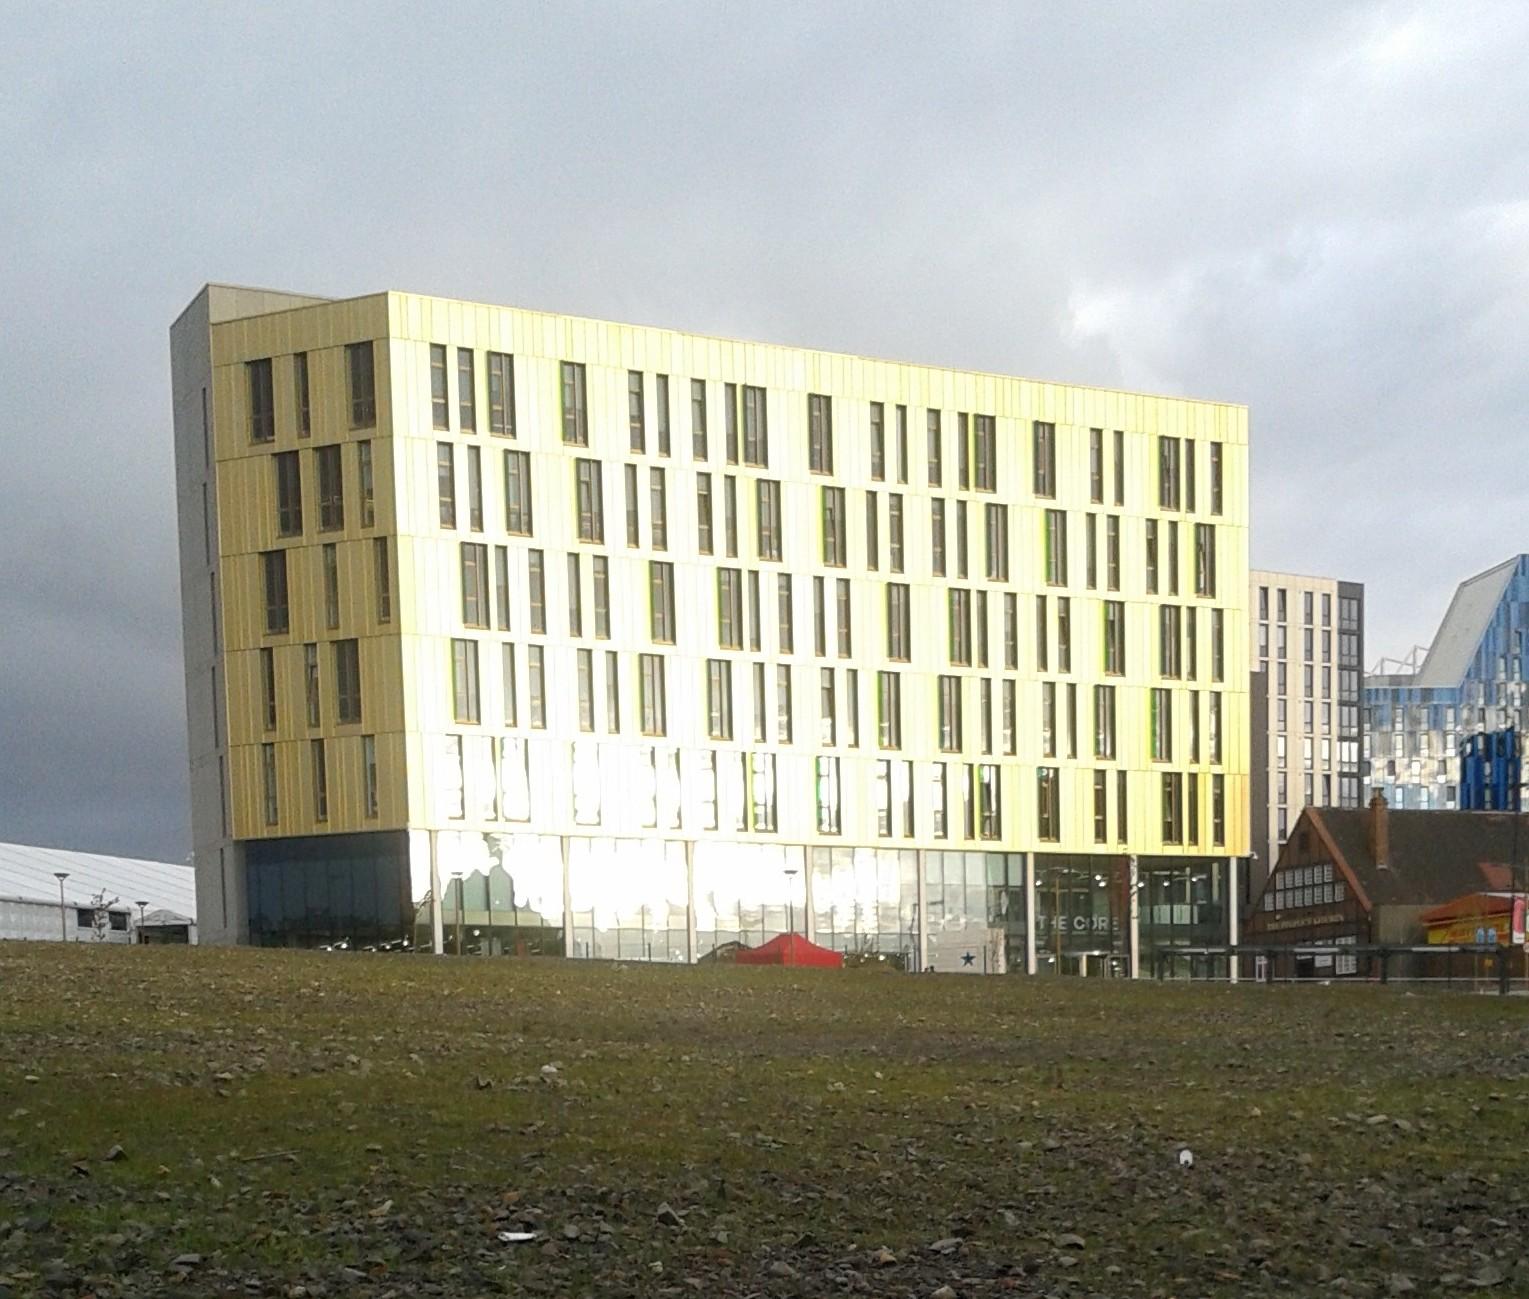 Nr009 Science Central – Newcastle upon Tyne lägger en gyllene klivsten mot framtiden.